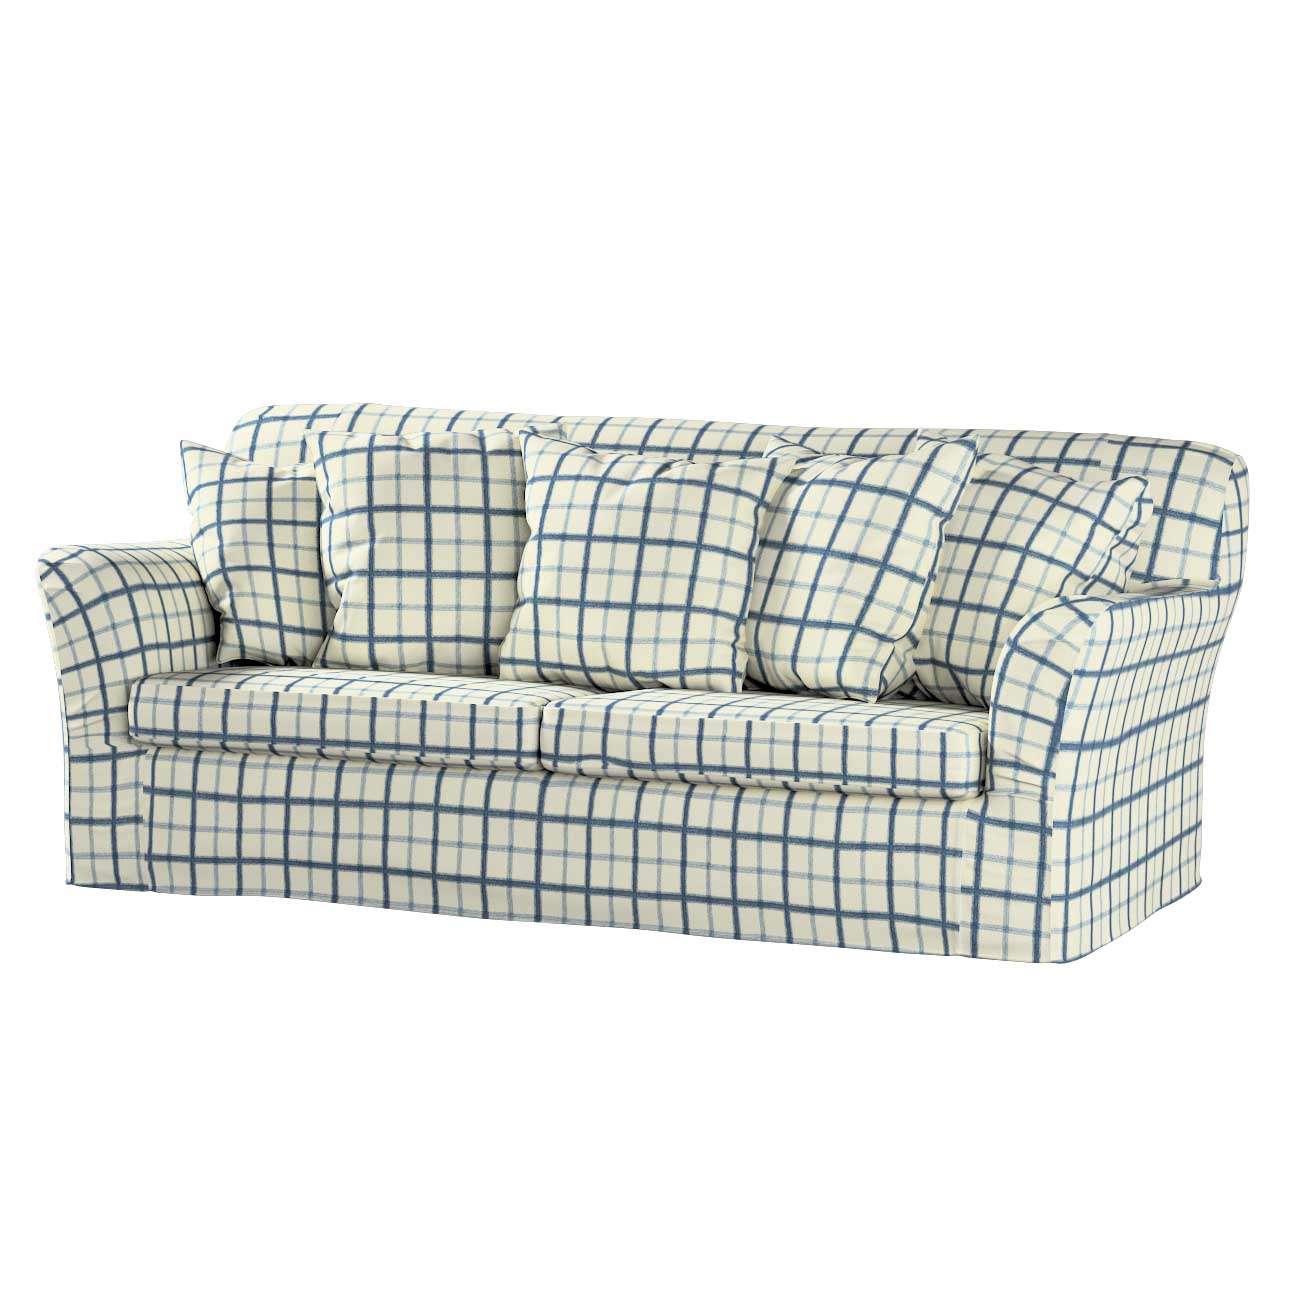 Pokrowiec na sofę Tomelilla rozkładaną Sofa Tomelilla rozkładana w kolekcji Avinon, tkanina: 131-66